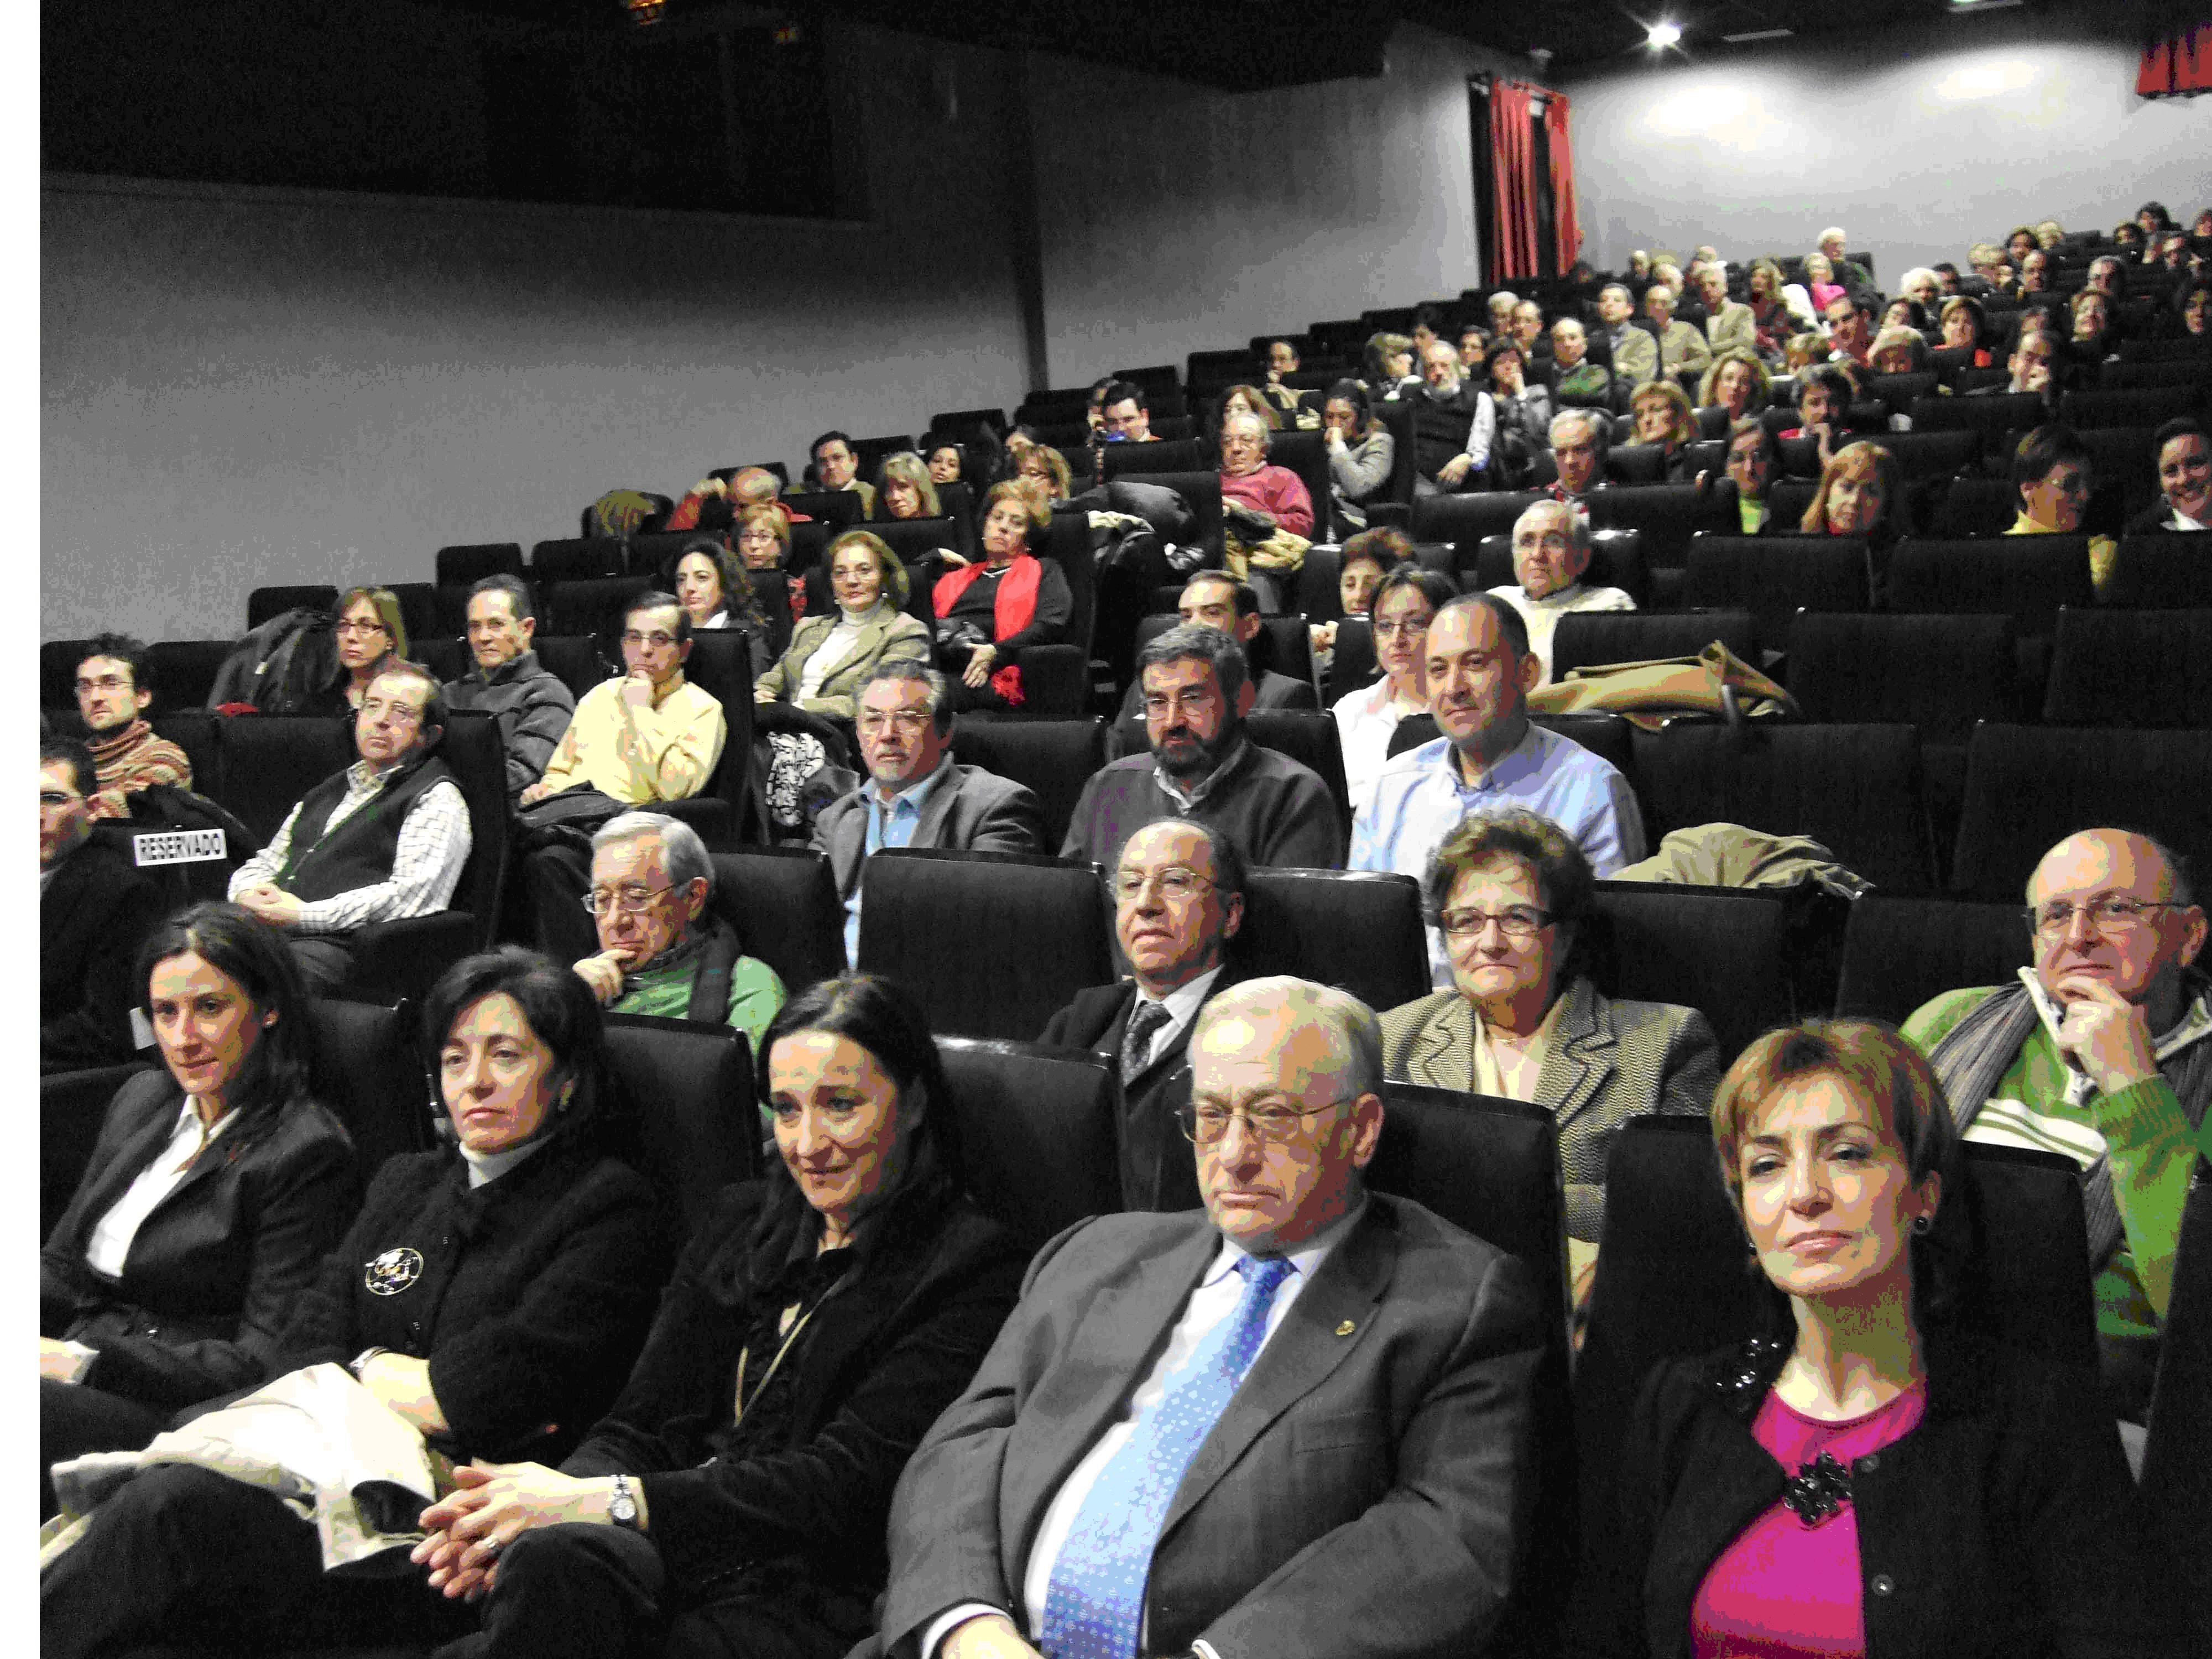 Asistentes. Pilar Gredilla, en primer plano, presidenta regional del sindicato de profesores.